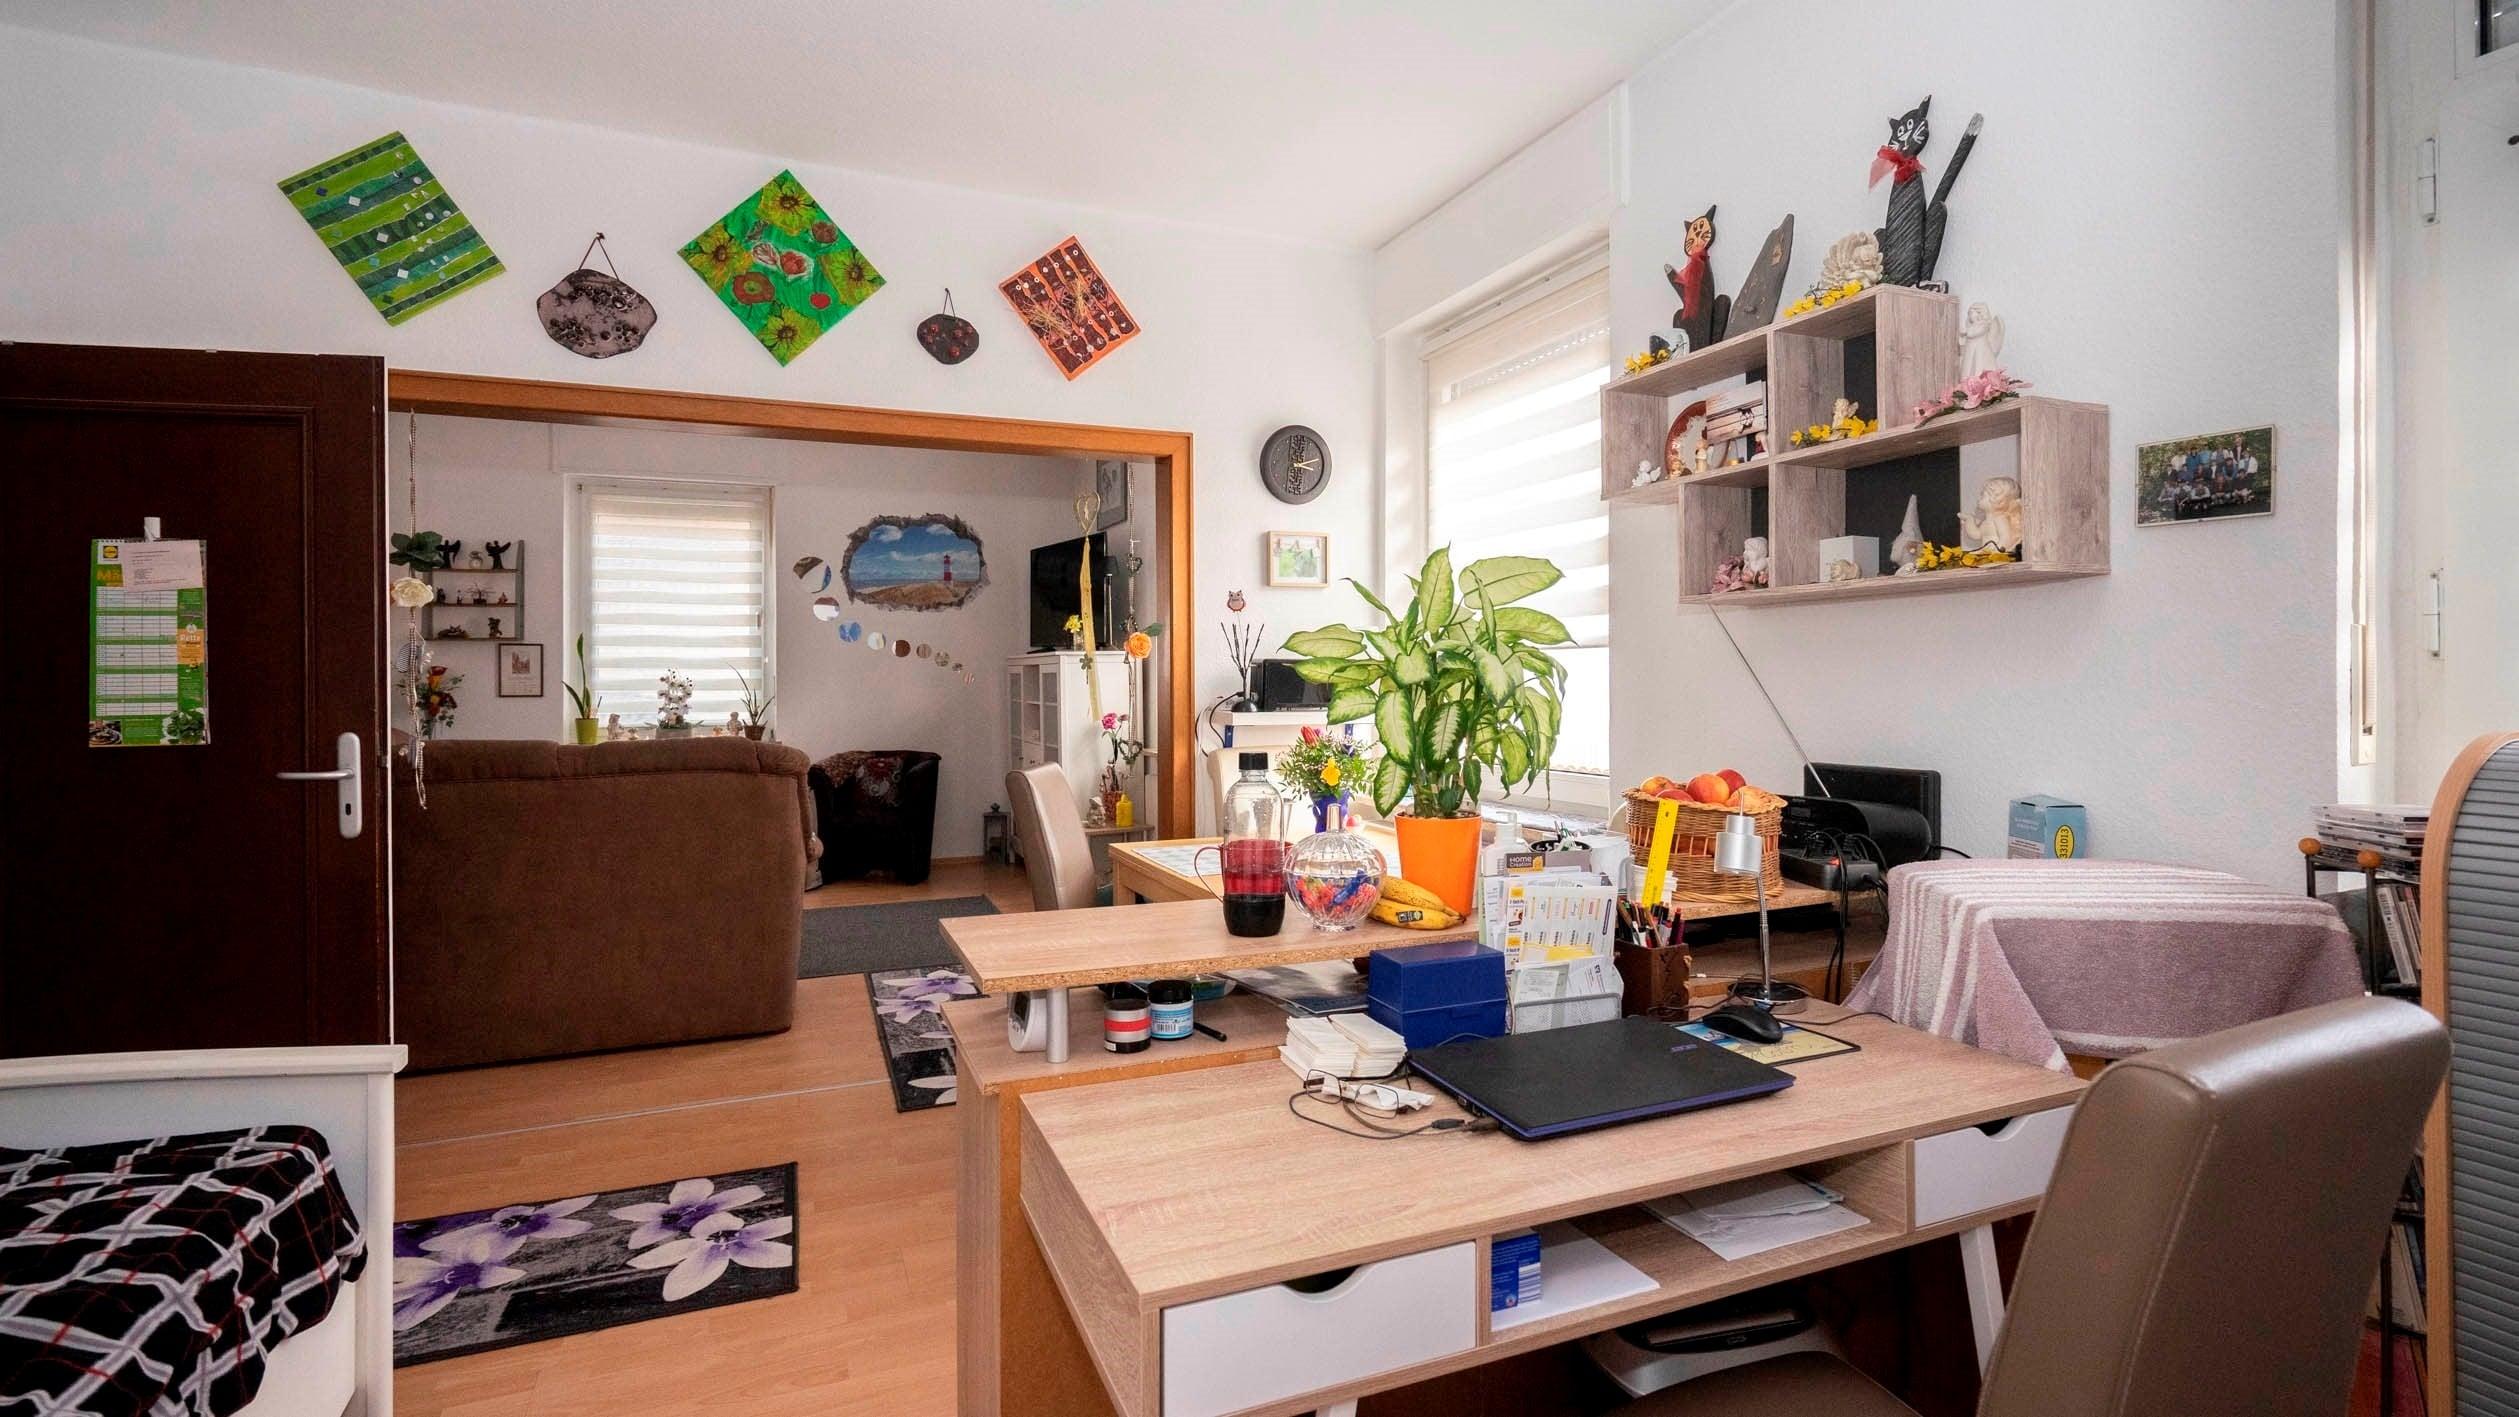 SÜDLOHN – Vermietete Erdgeschosswohnung in innenstadtnaher Lage mit Garten